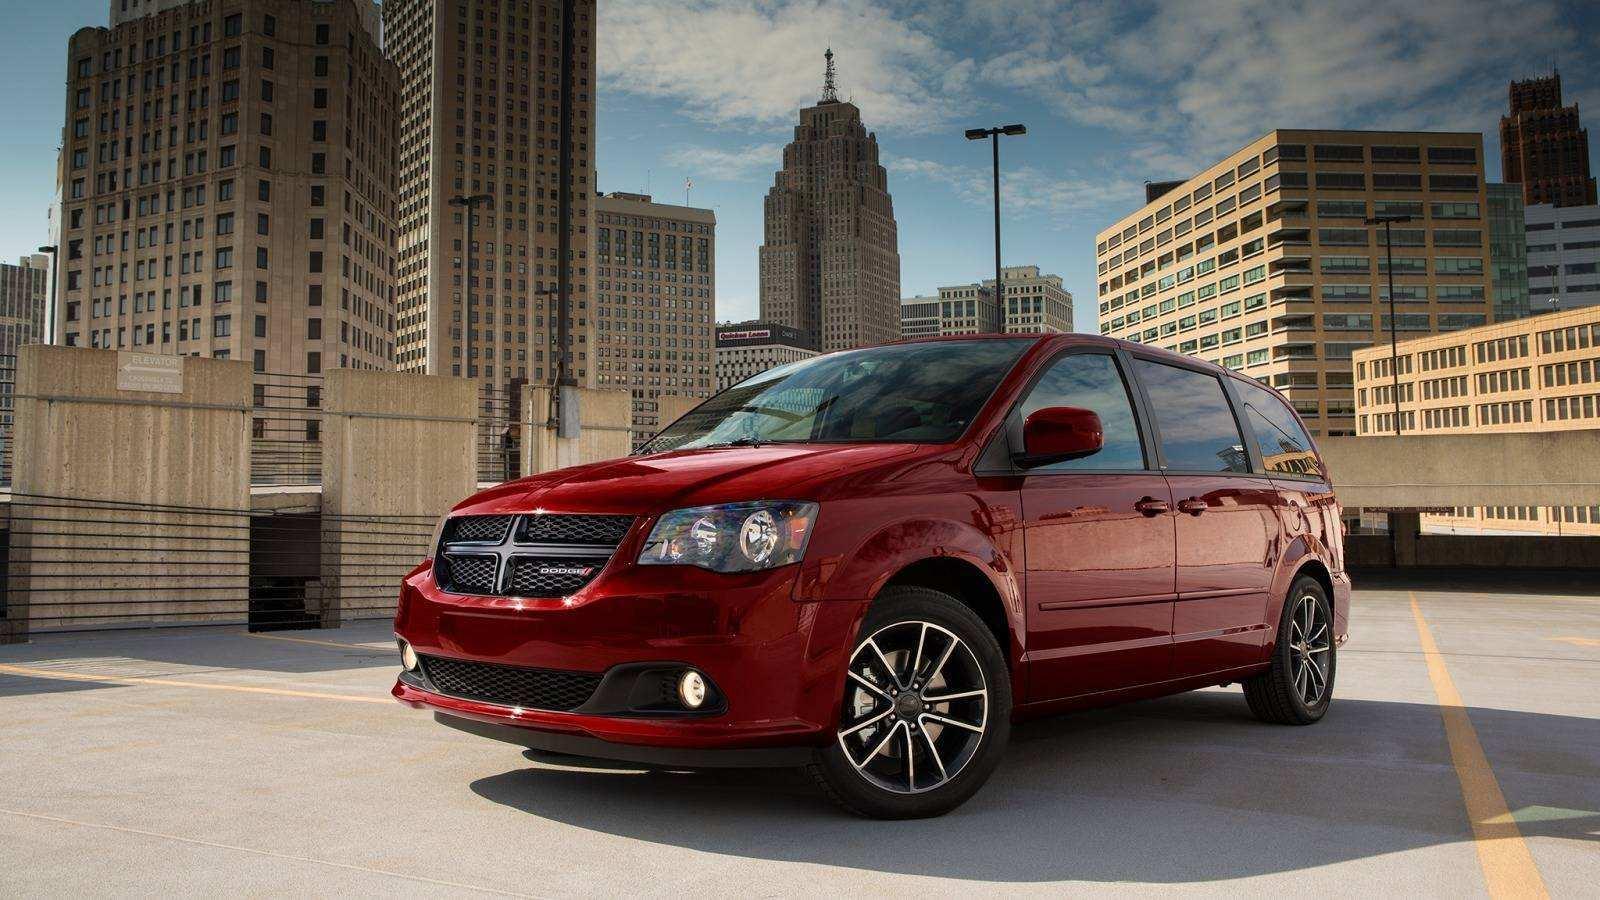 81 Best Review Best Dodge 2019 Van Price Performance by Best Dodge 2019 Van Price